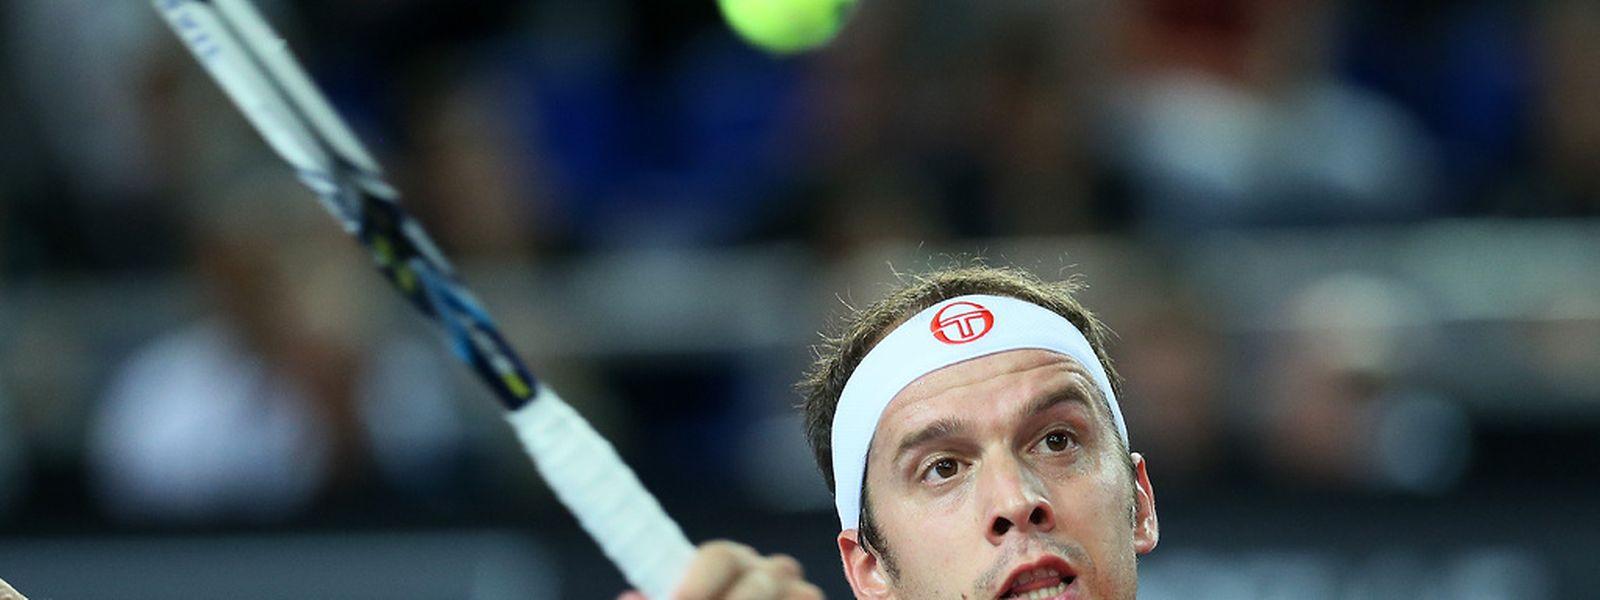 Gilles Muller steht in Sydney im Viertelfinale.